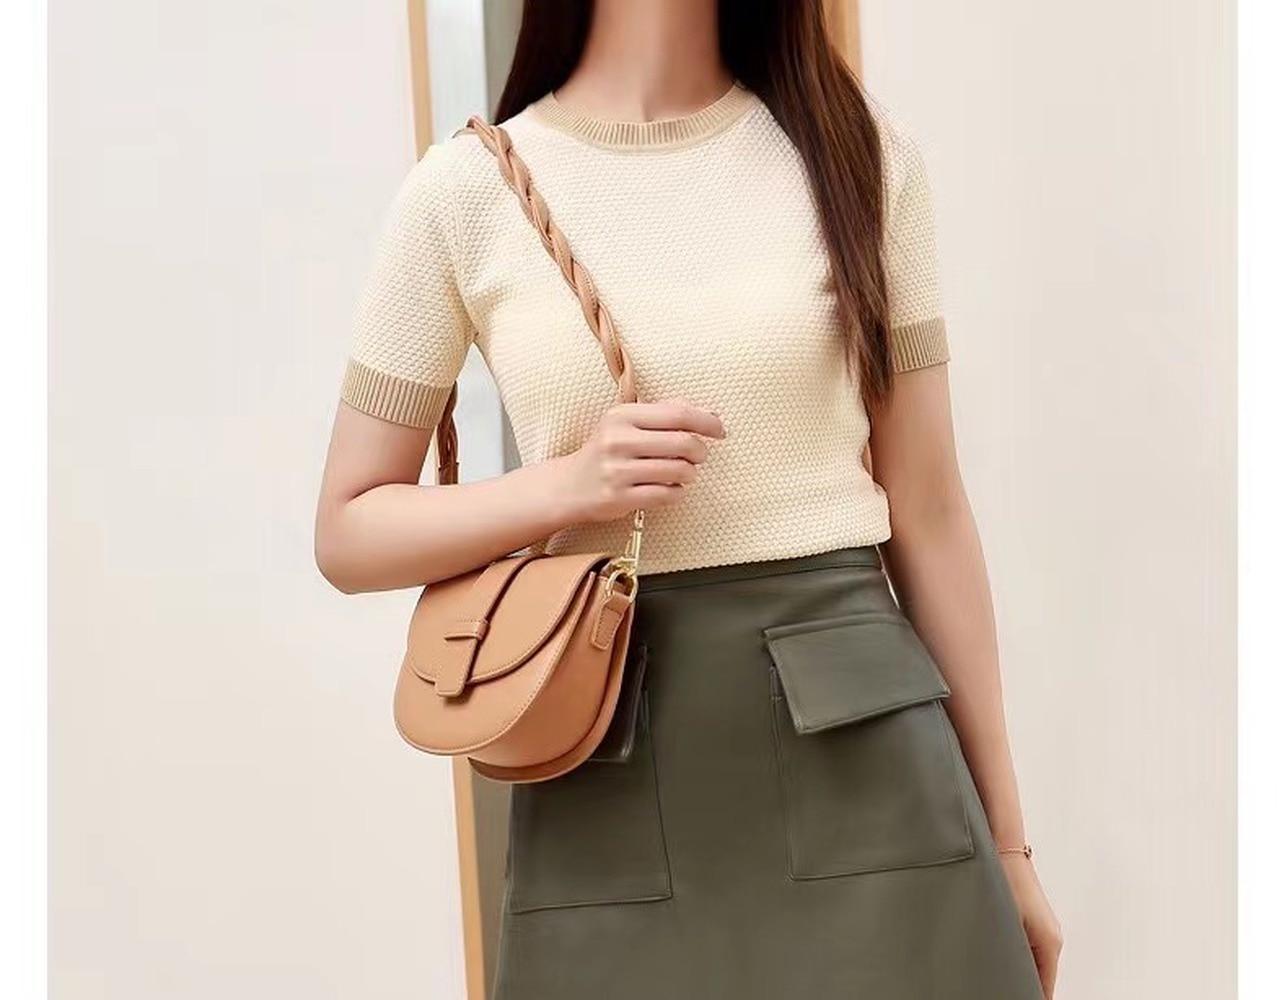 2021 العلامة التجارية الجديدة سيدة حقيبة كتف حقيبة ساعي الموضة مصمم حقيبة يد سيدة جديدة حقيبة ساعي مصمم حقائب عالية الجودة